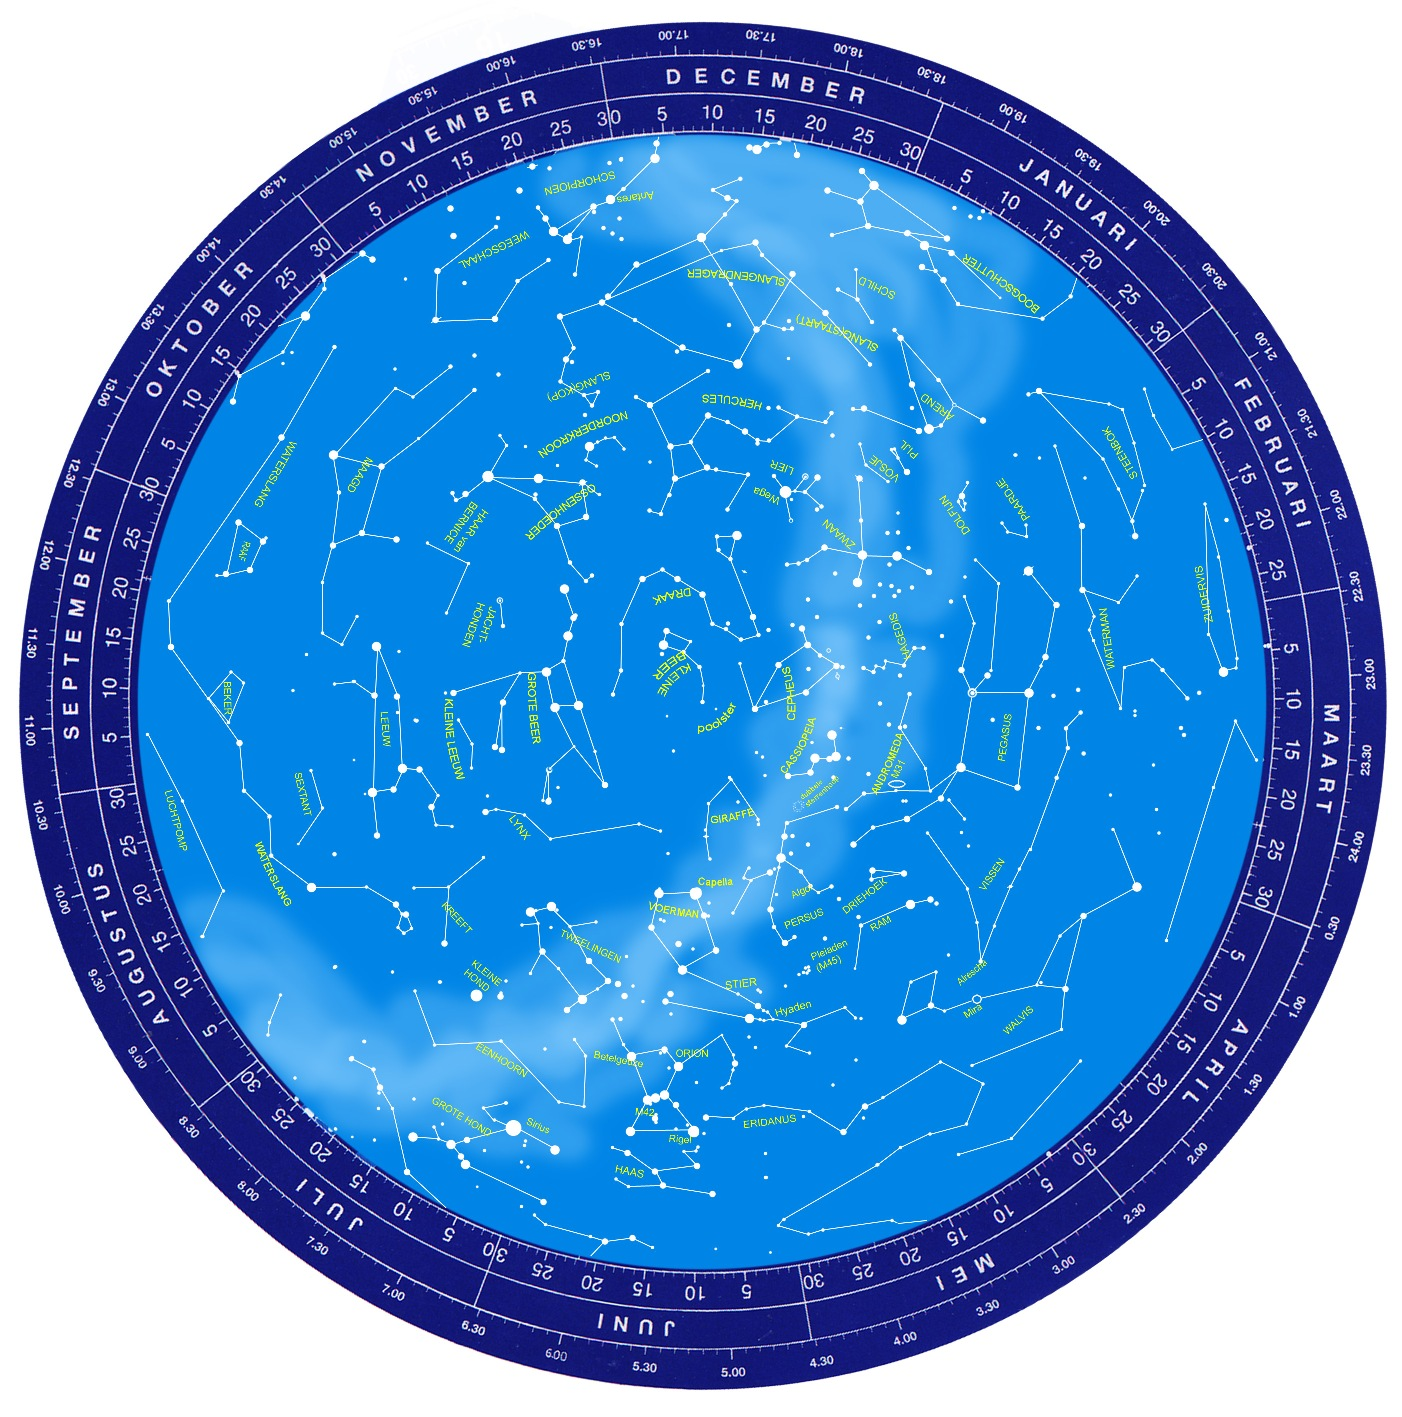 weegschaal engels horoscoop